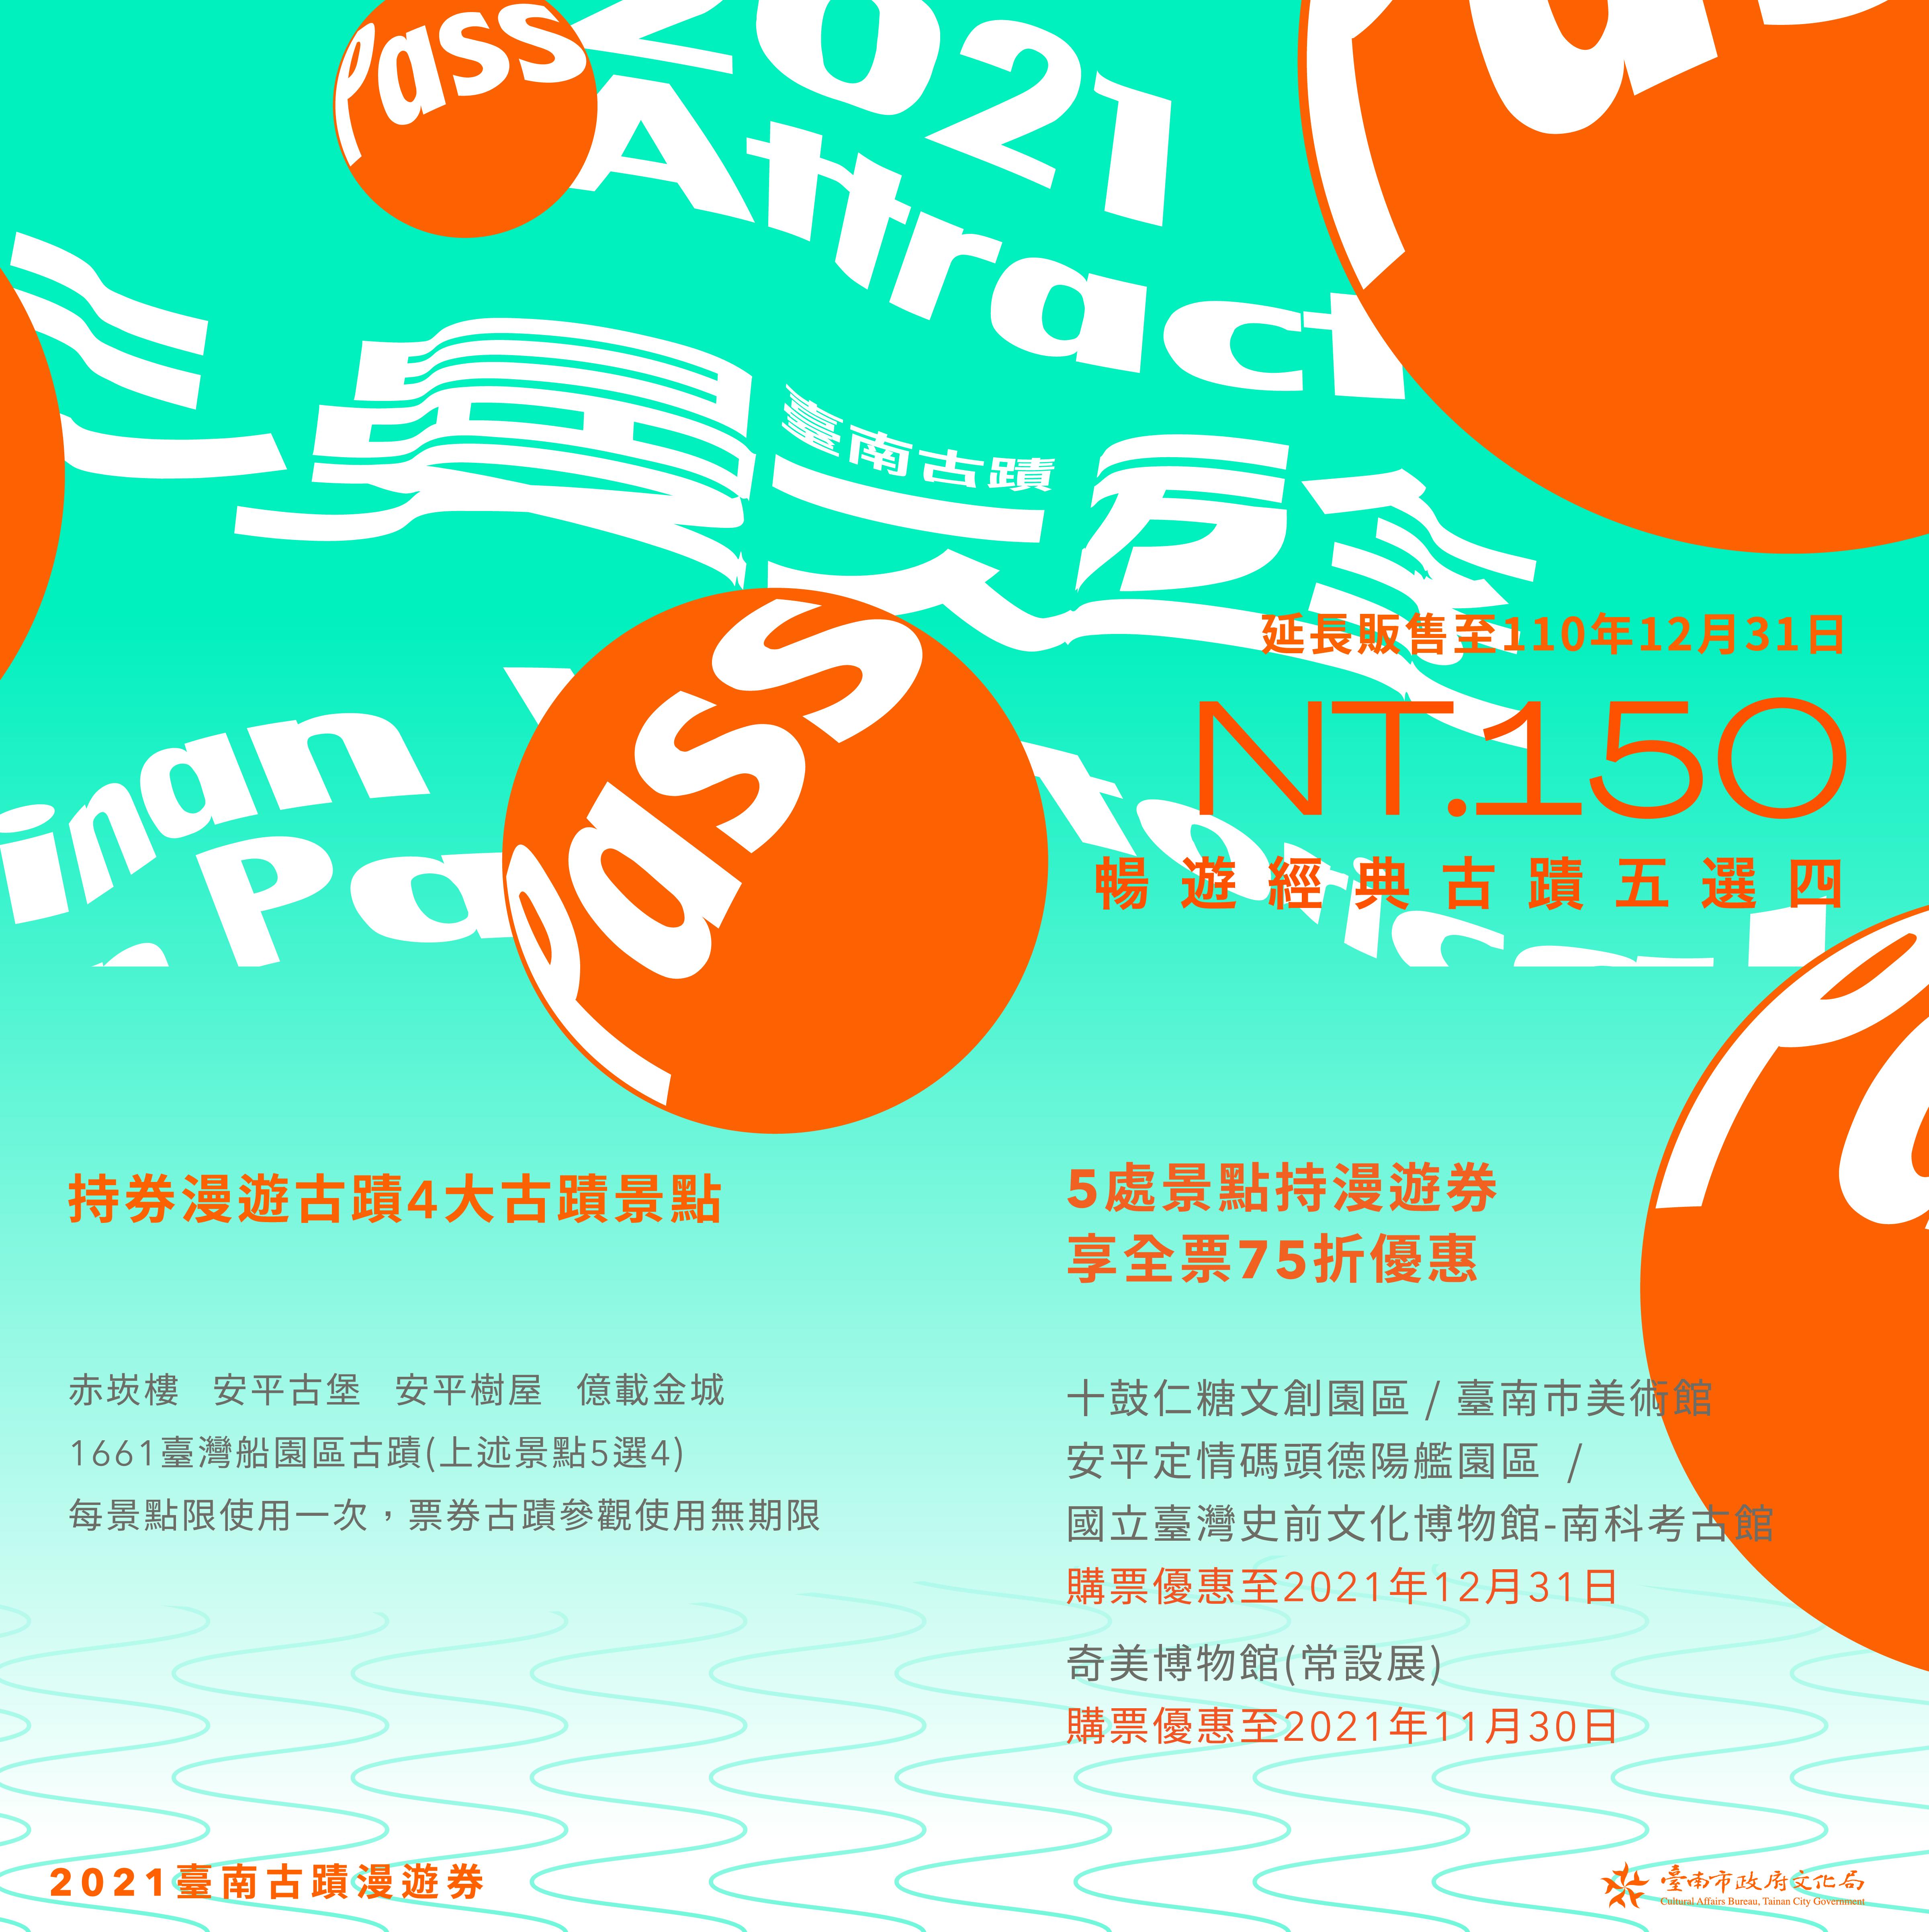 2021臺南古蹟漫遊券即日起限期發售